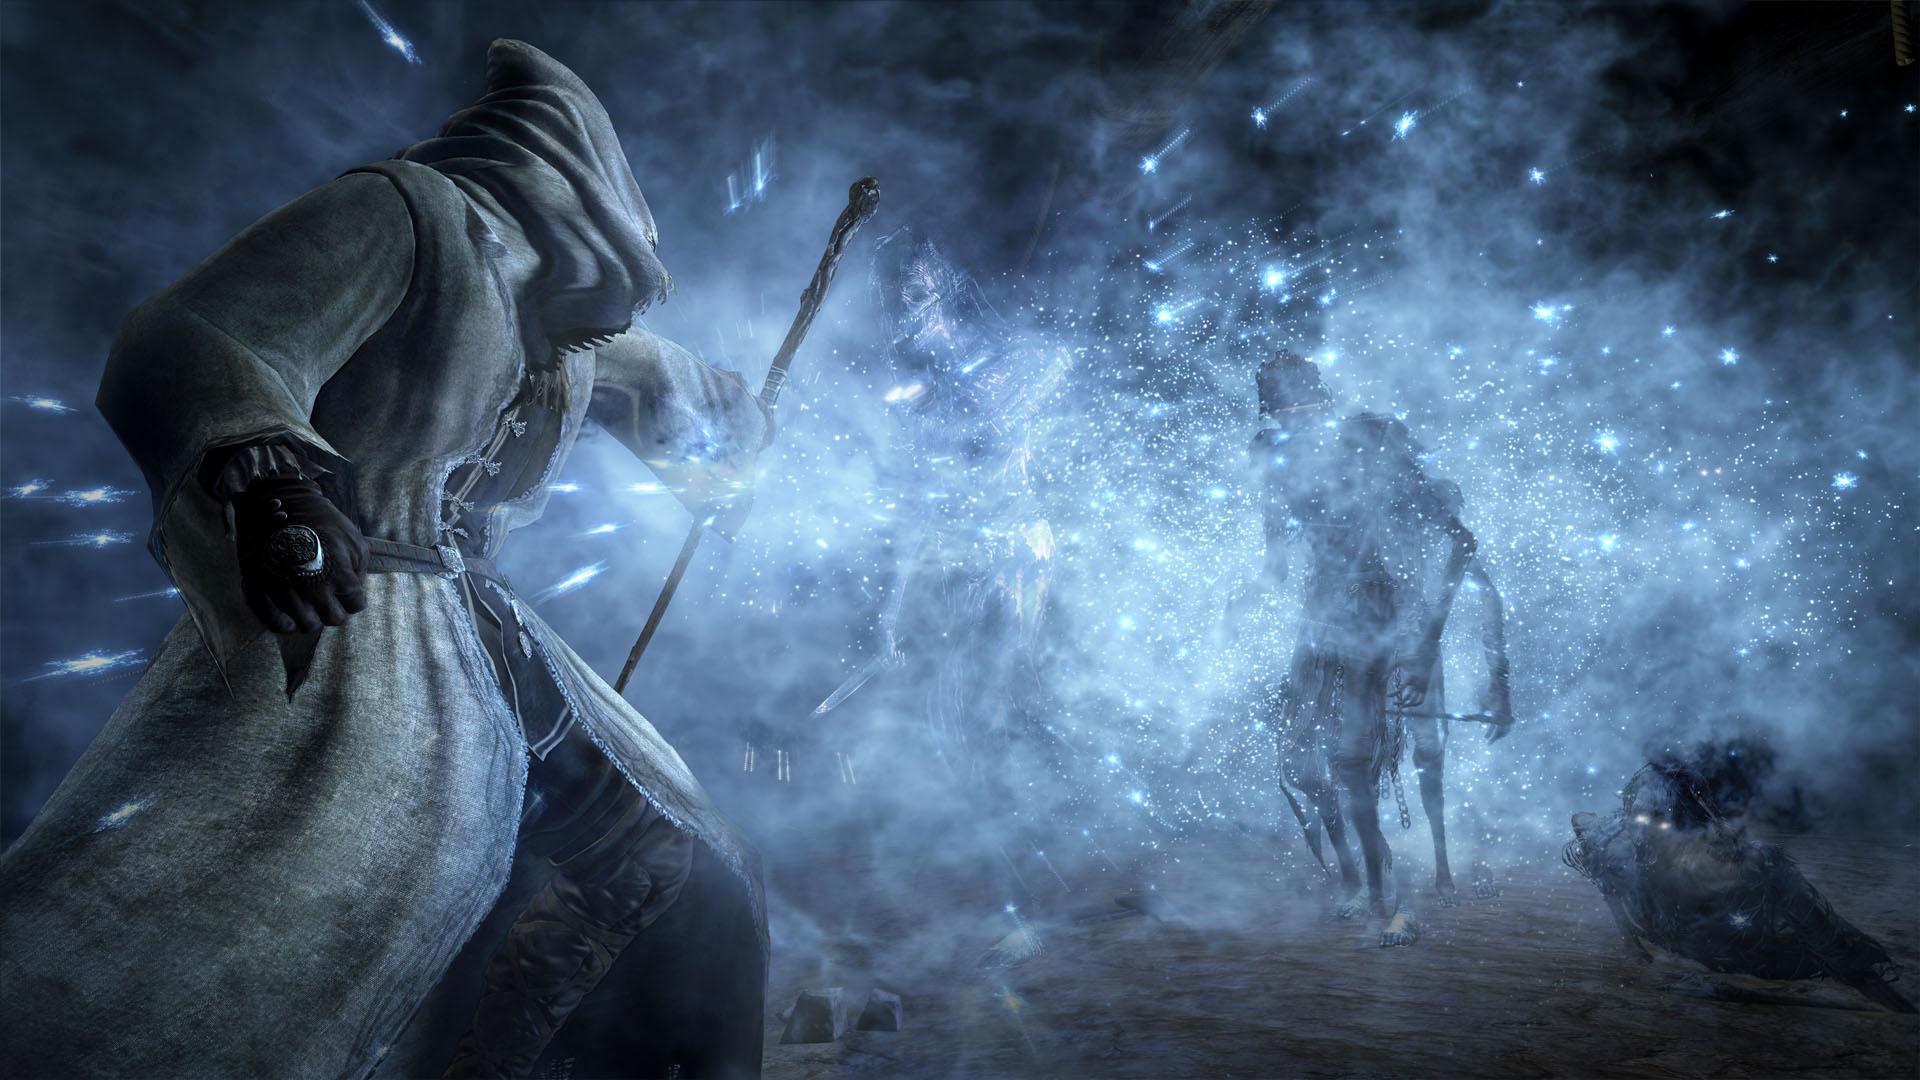 DARK SOULS III Ashes of Ariandel Screenshot 3